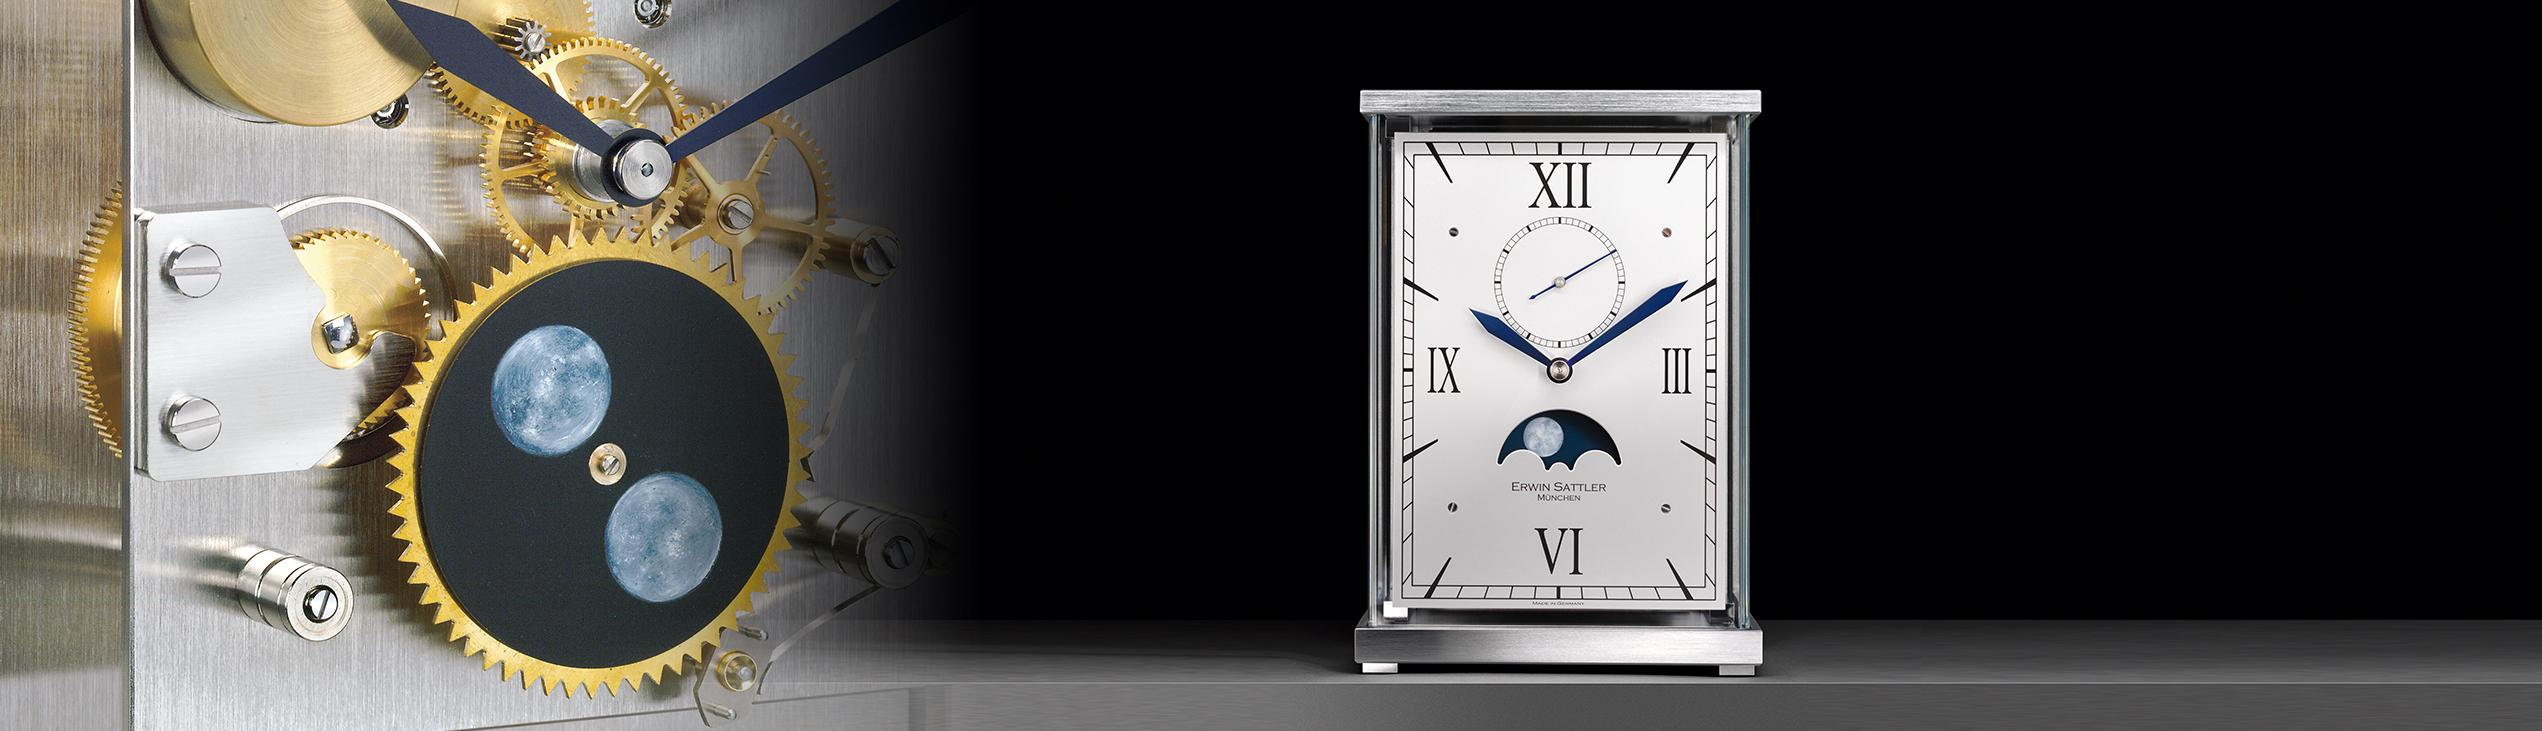 slideshow-1500x430-tischuhren-lunaris.jpeg